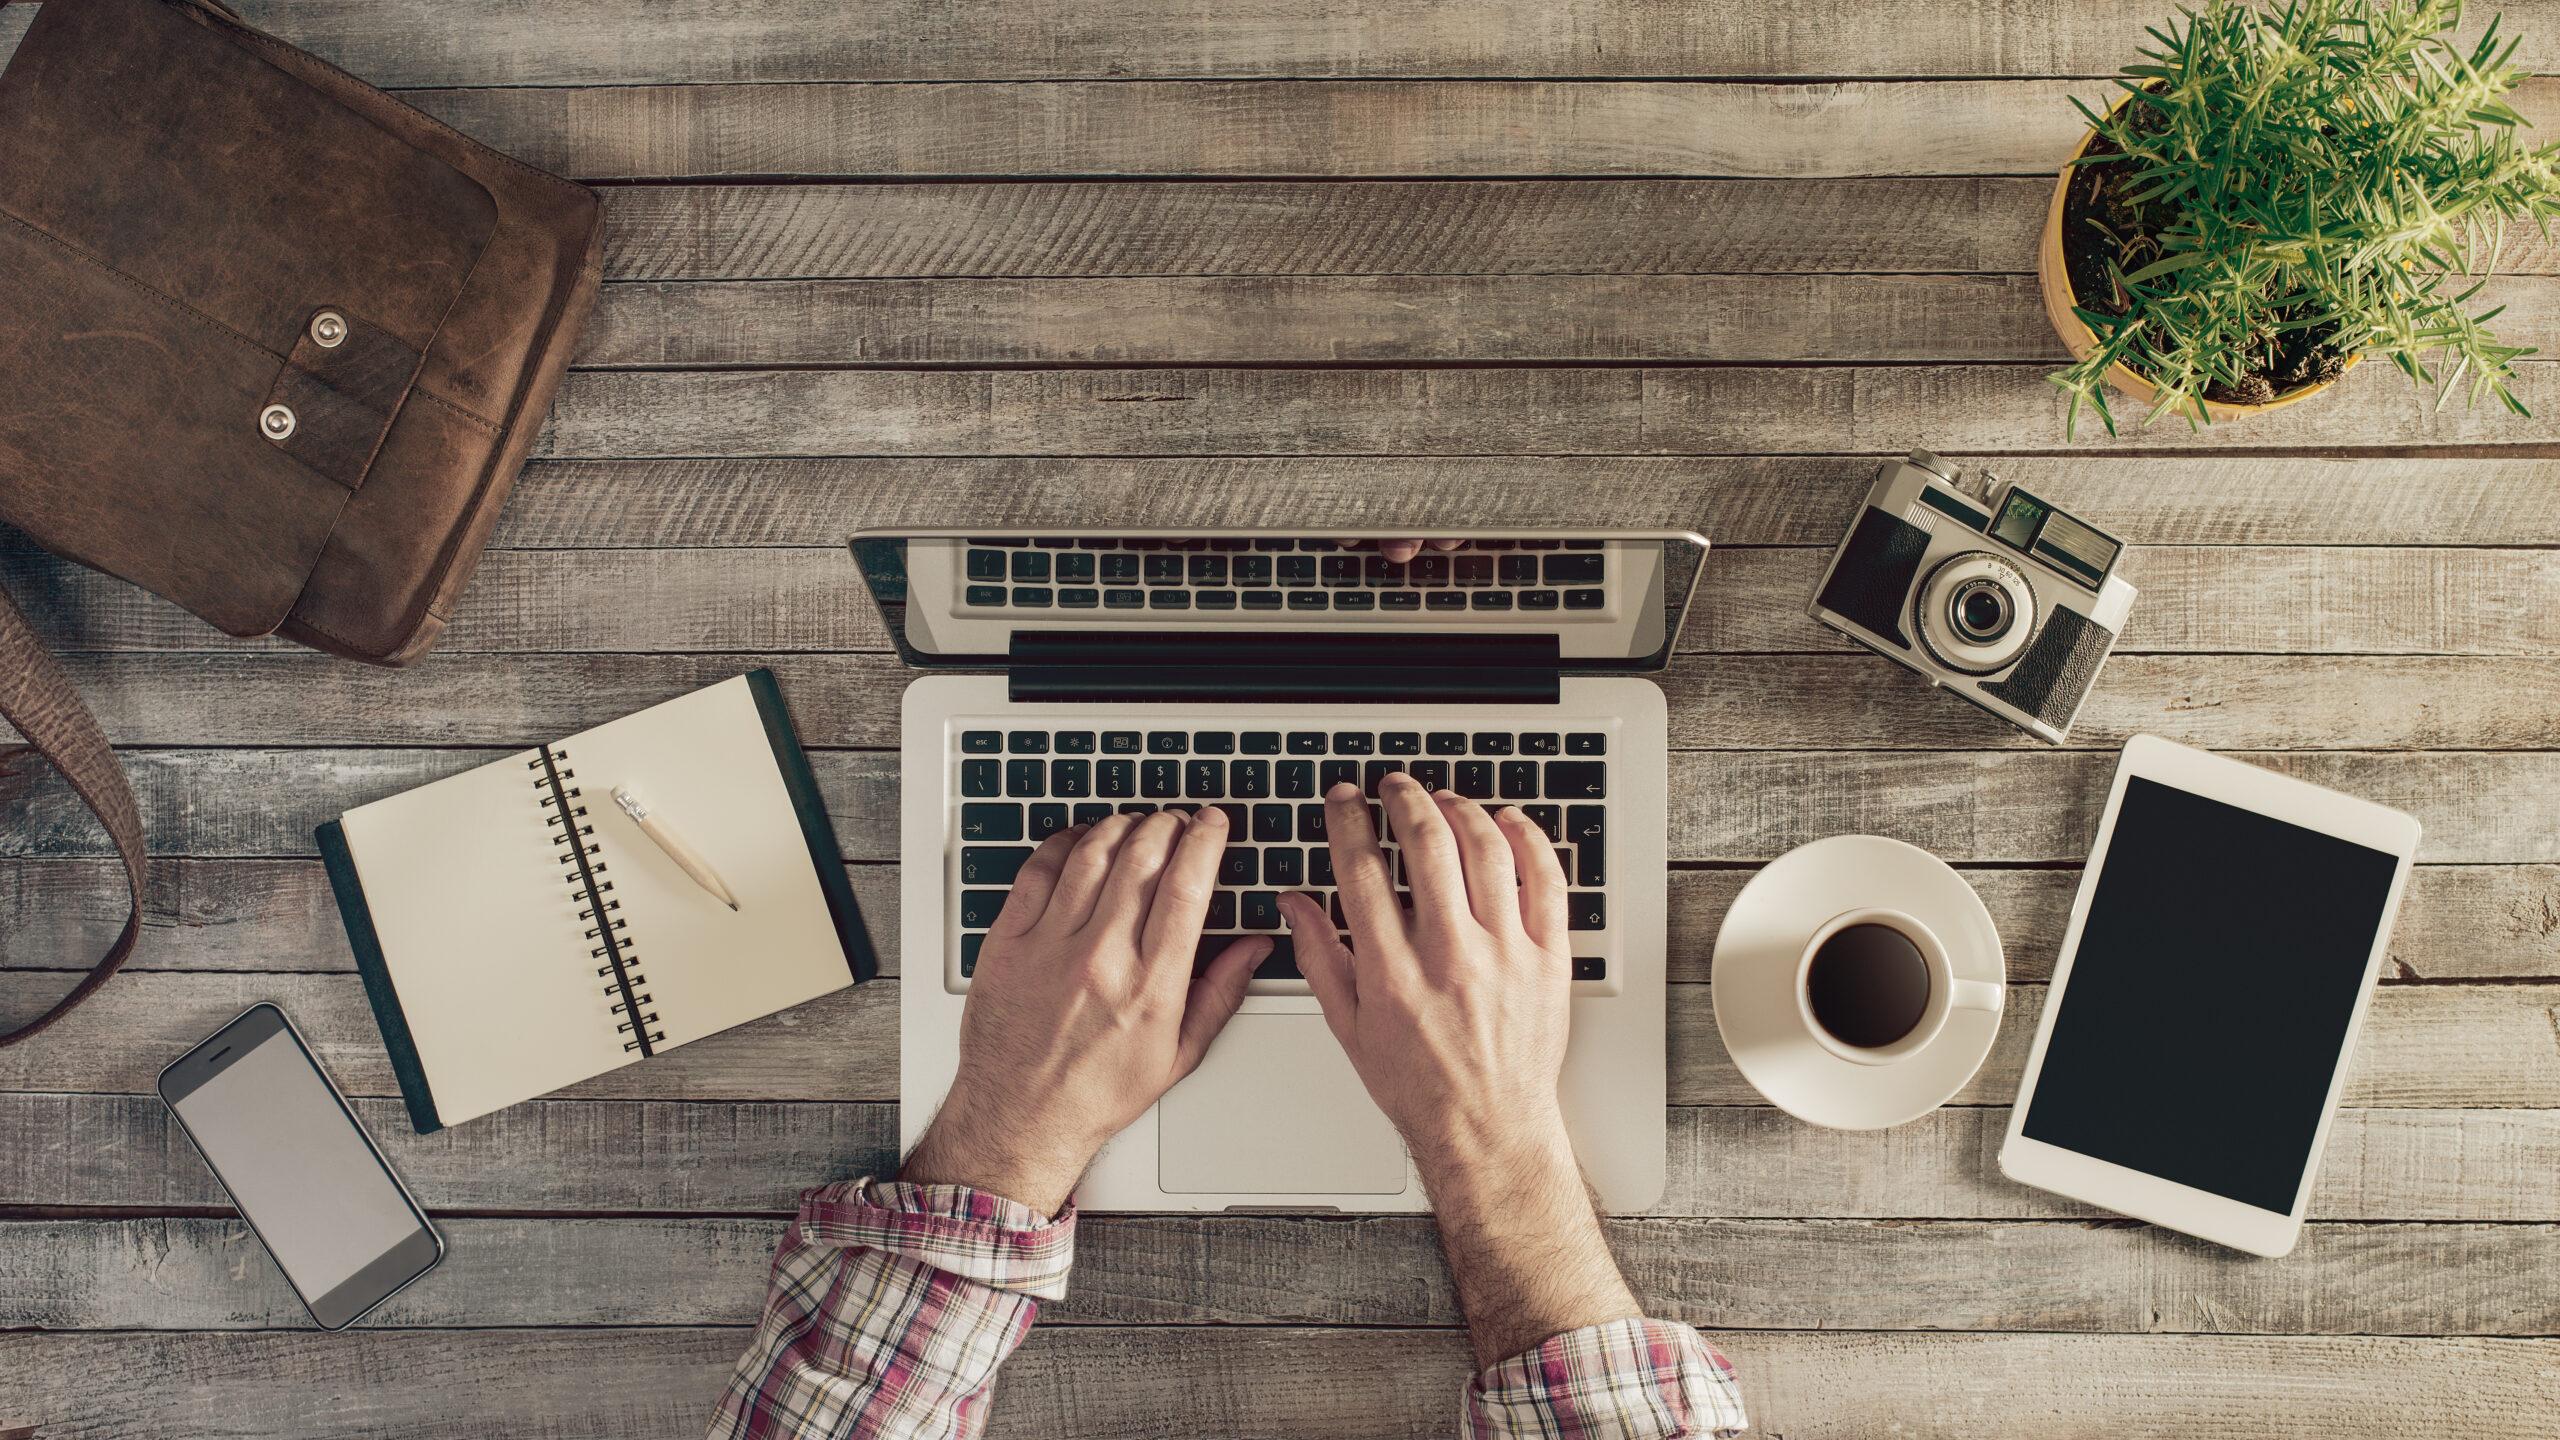 Man using laptop on rustic desktop